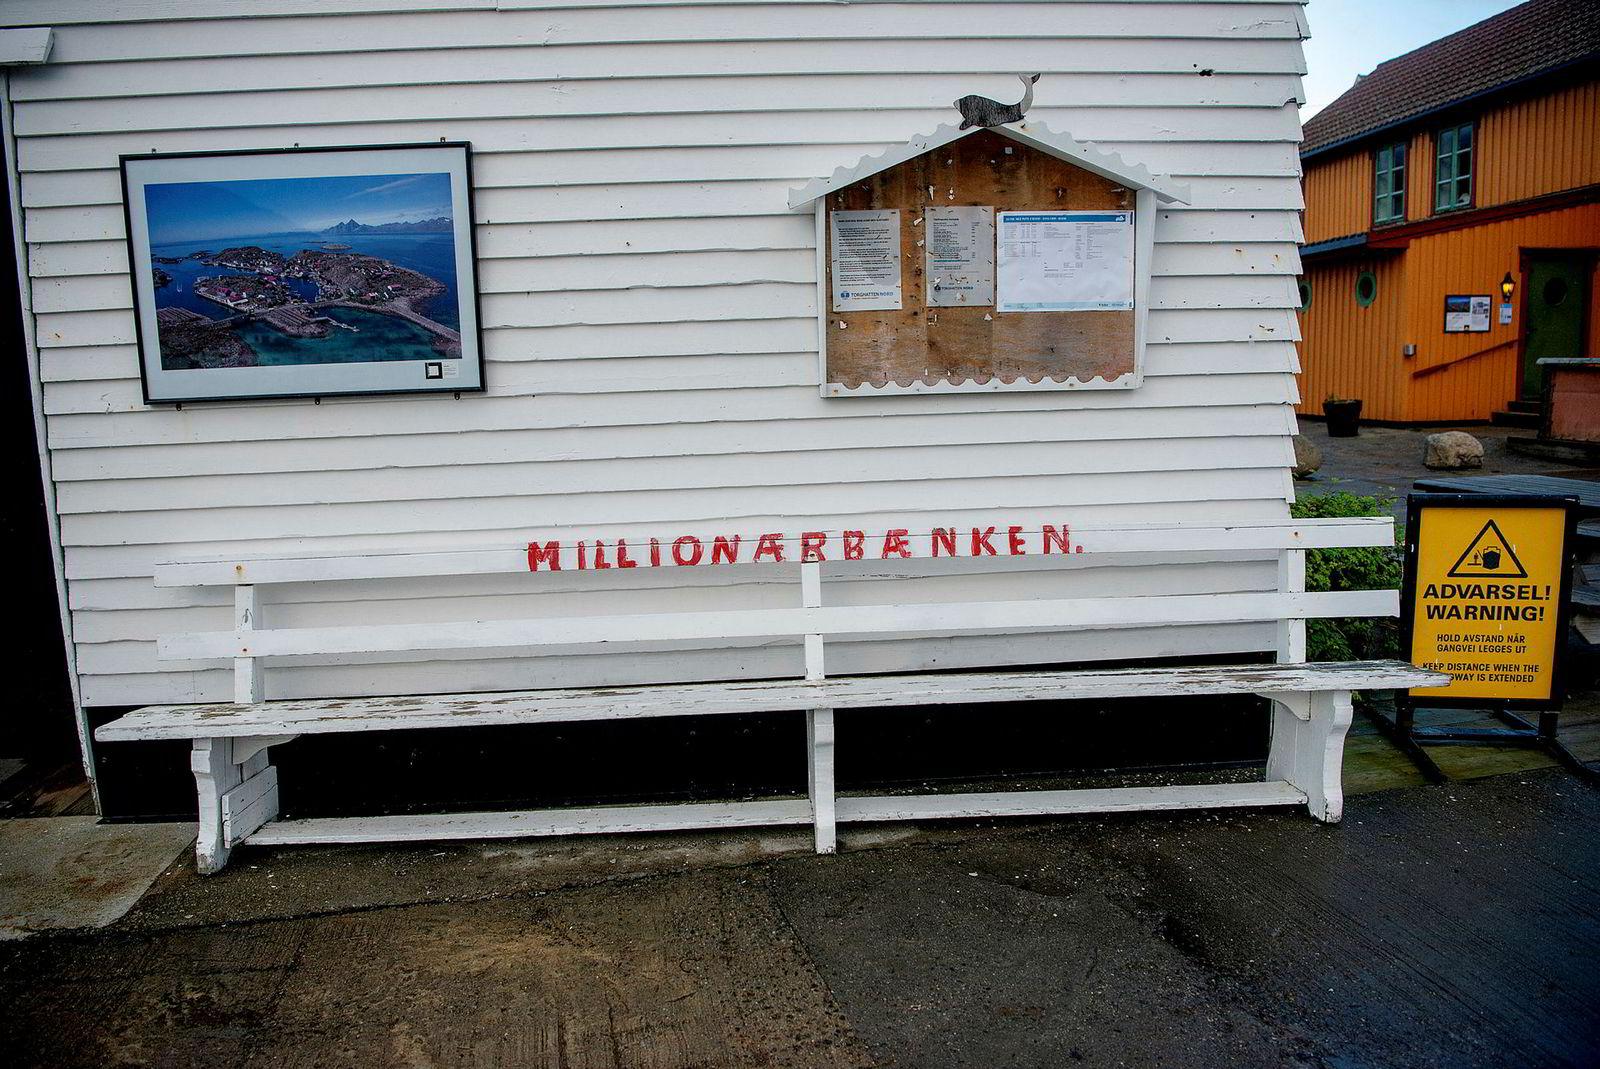 Millionærbenken ved Skrova skipsekspedisjon.